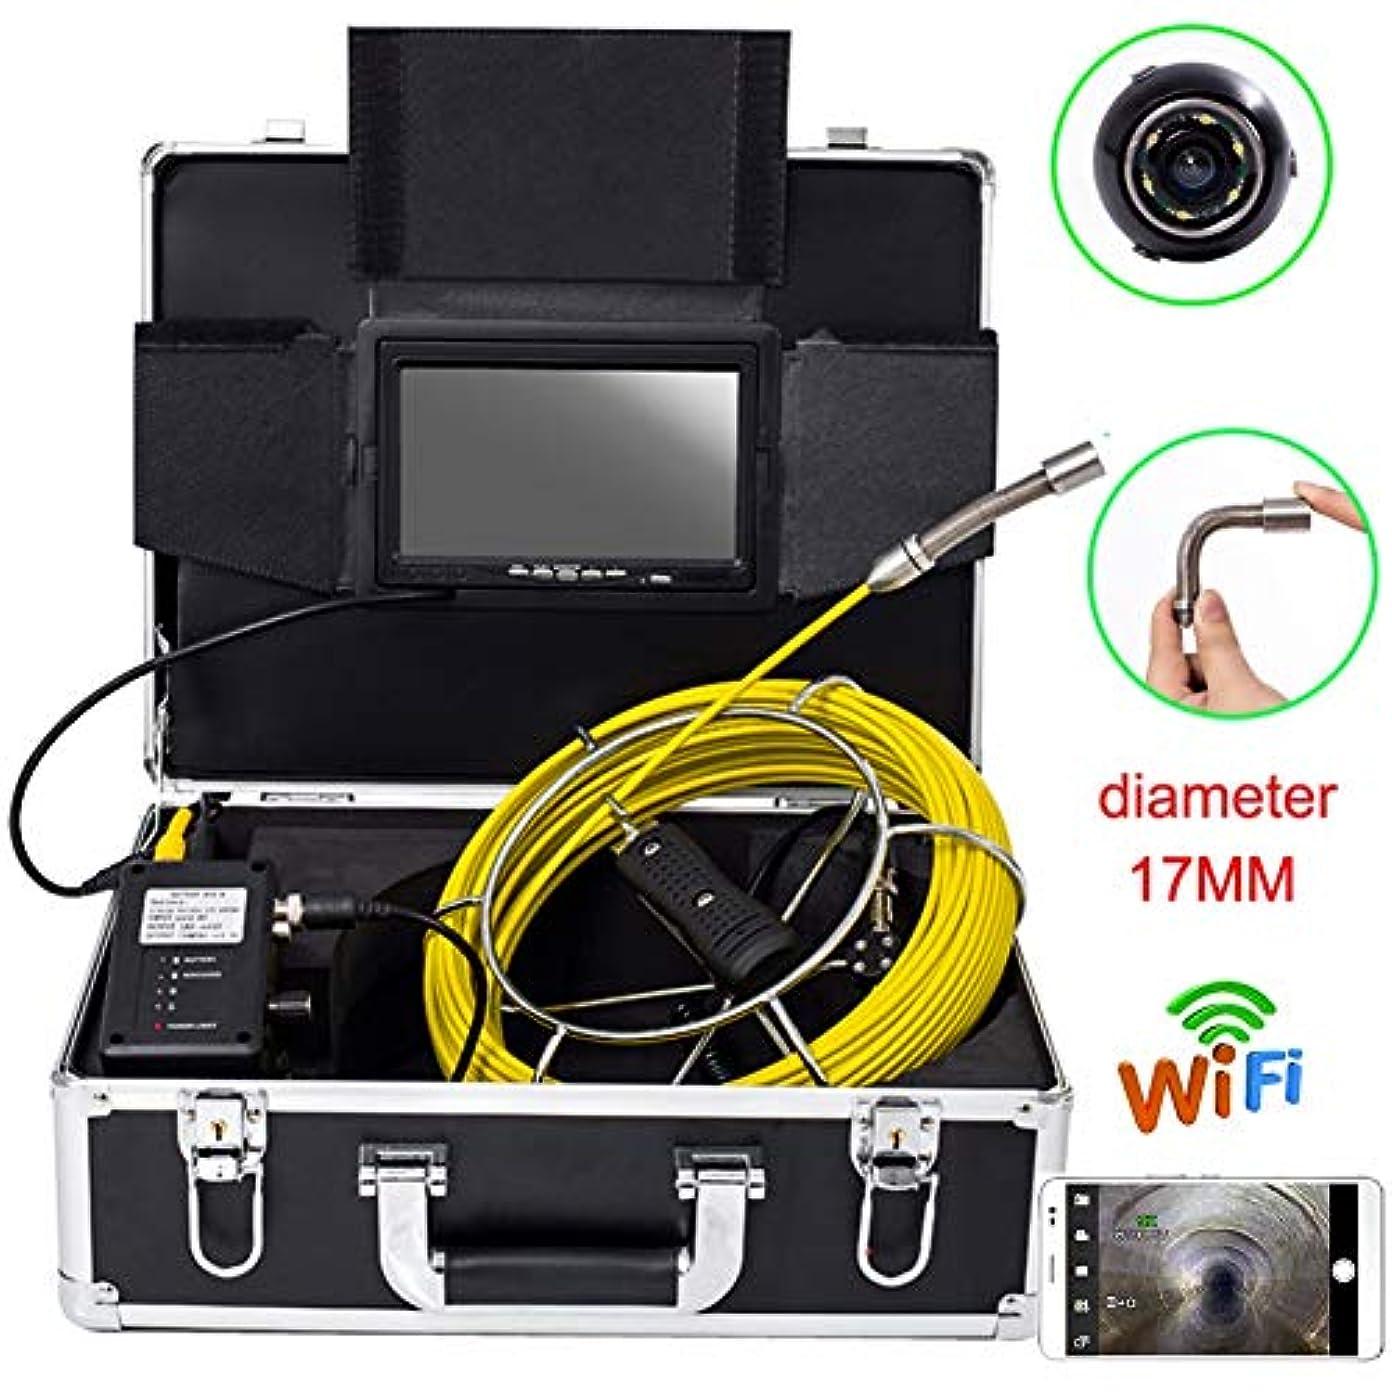 取り付けジョットディボンドン毎回7インチWIFI 17ミリメートル工業用パイプライン下水道検知カメラIP68防水排水検知1000 TVLカメラ(50M)